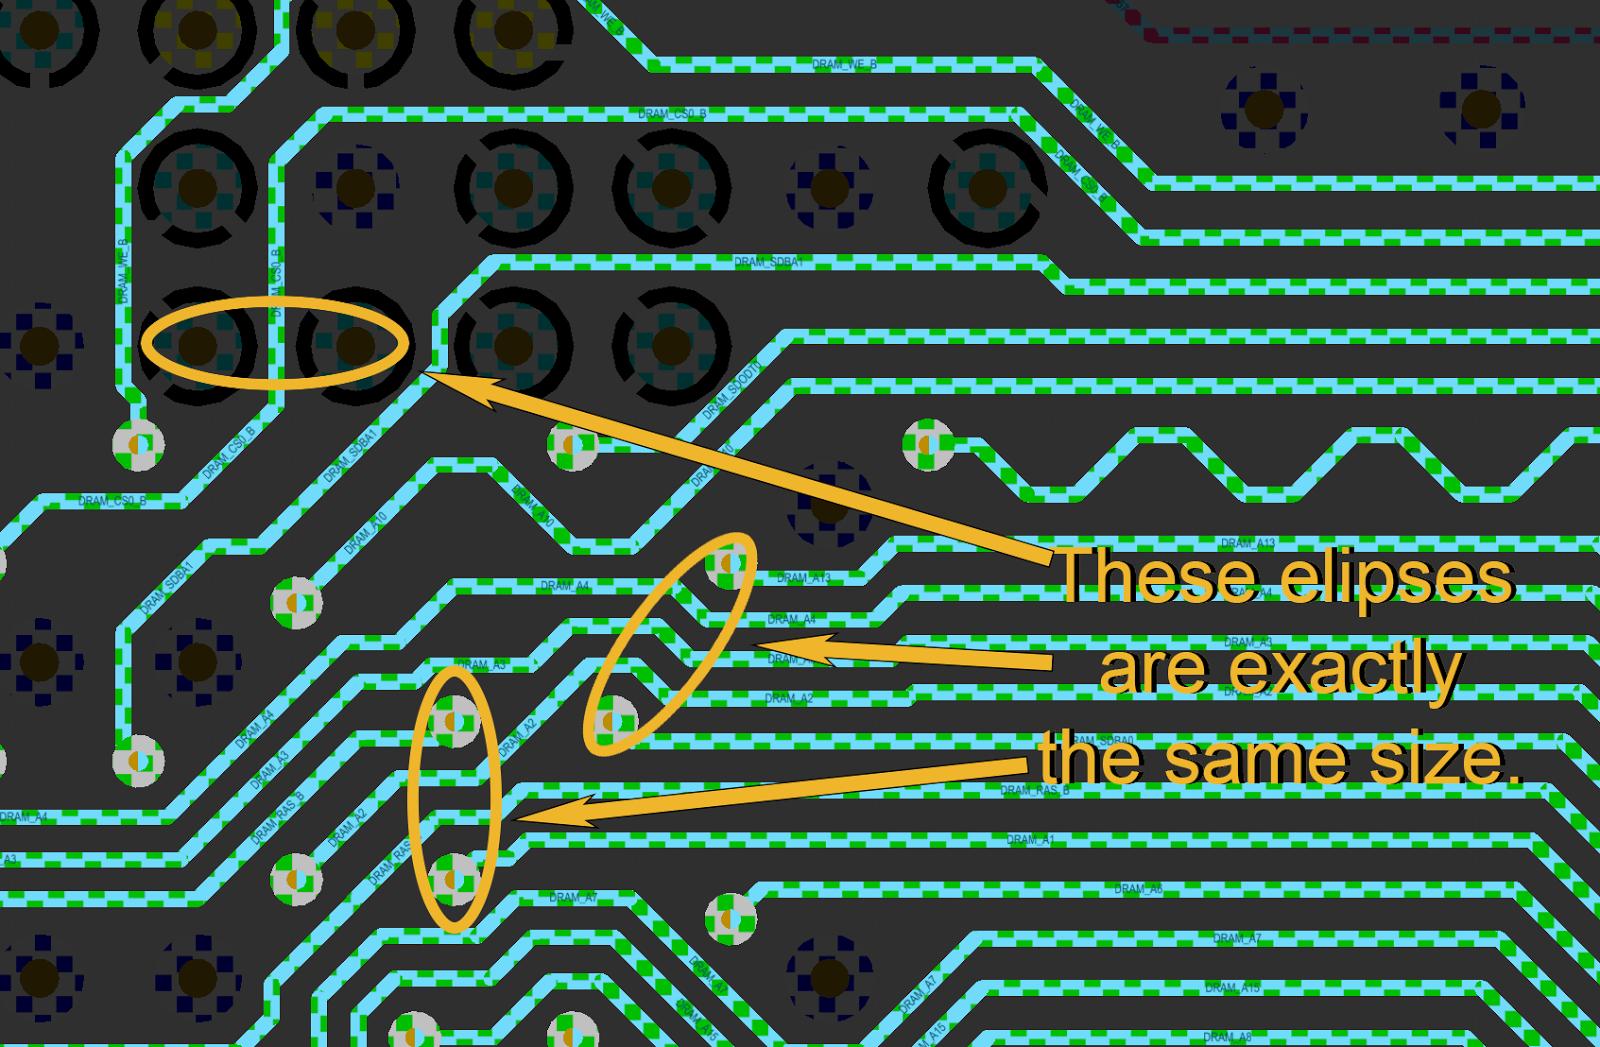 Abbildung 5: Zwei oder drei Leiterbahnen passen zwischen Mikrodurchkontaktierungen im gleichen Bereich, der für eine Leiterbahn zwischen Durchgangskontaktierungen beim DDR3-Routing benötigt wird.